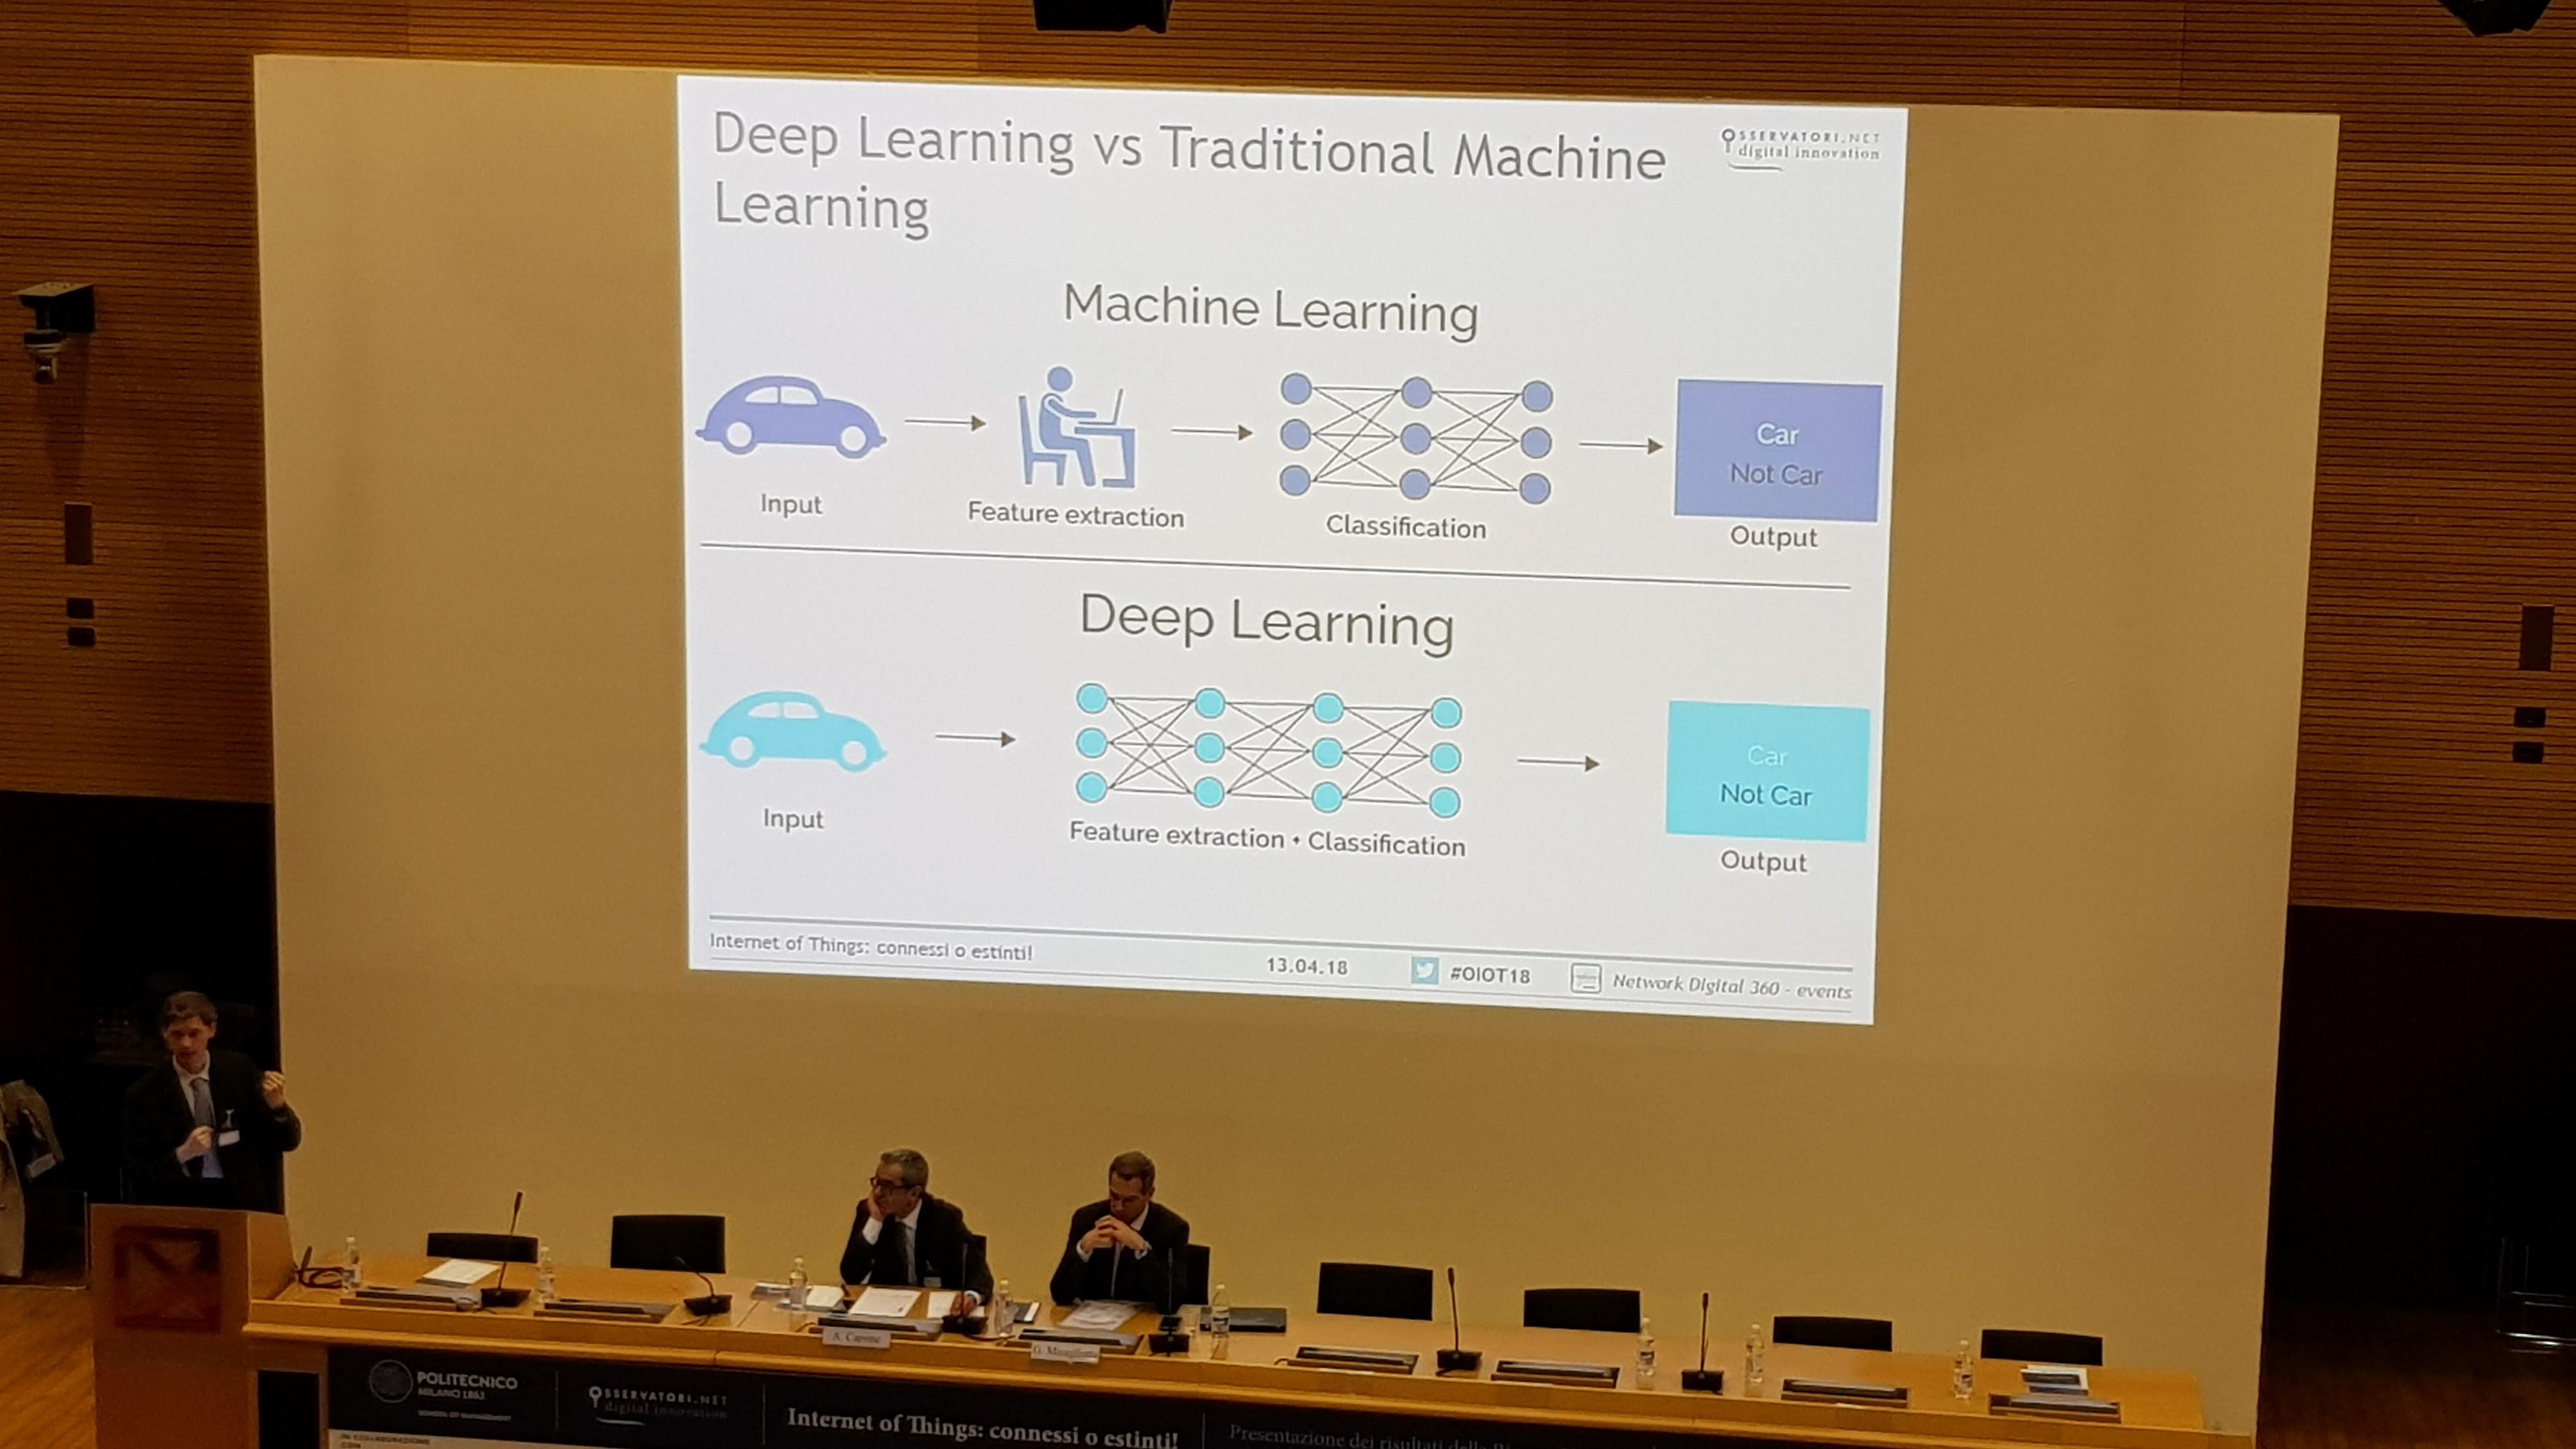 Intelligenza artificiale: l'evoluzione